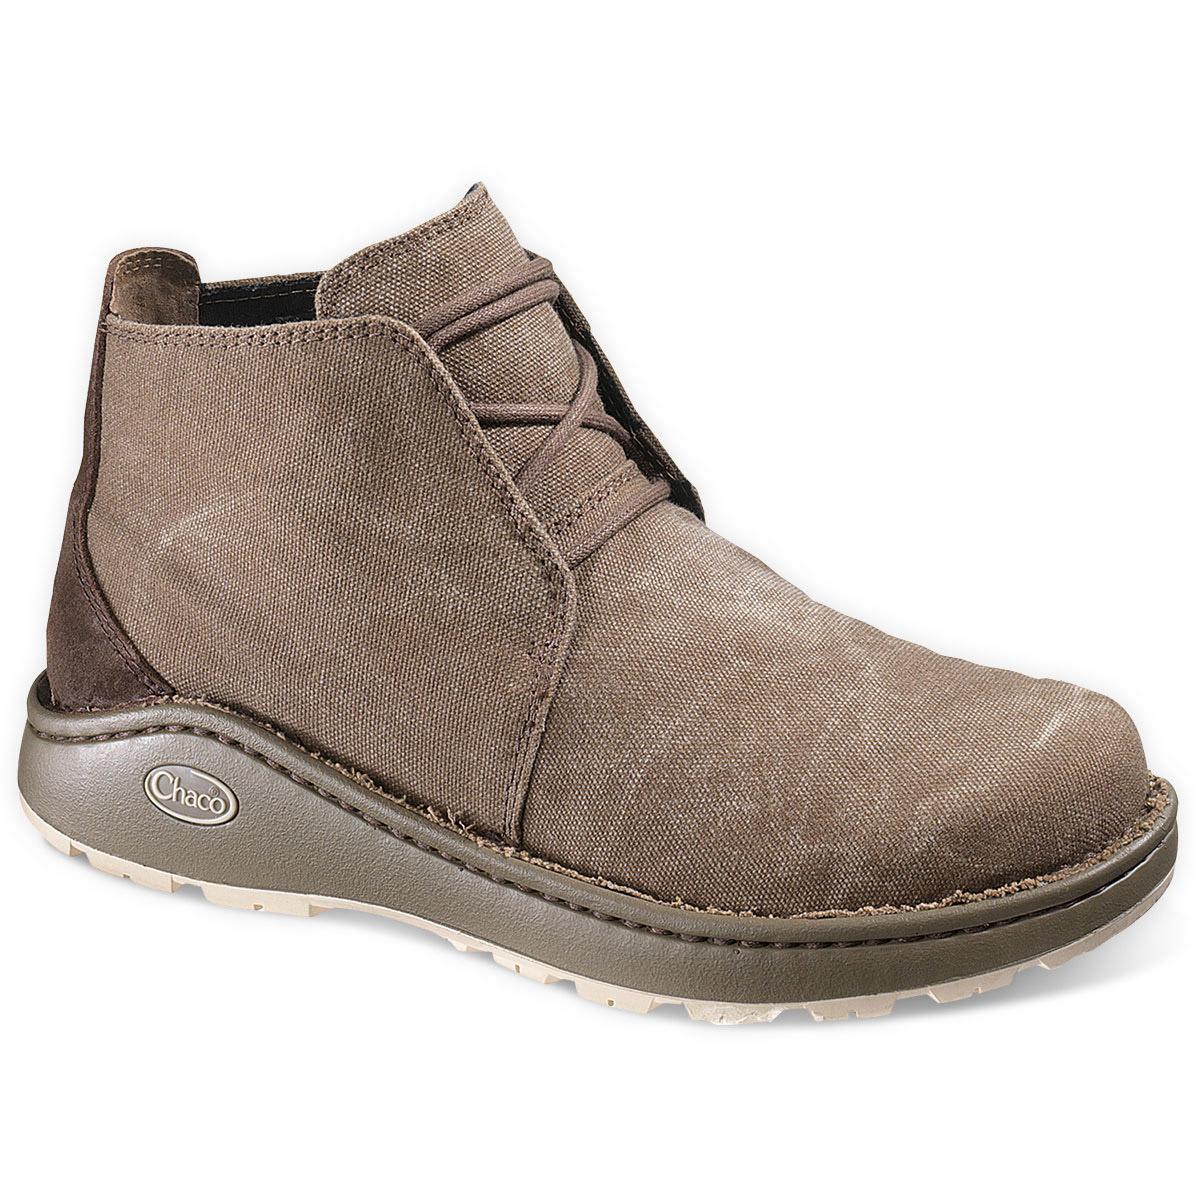 CHACO Men's Otis Canvas Shoes, Shitake